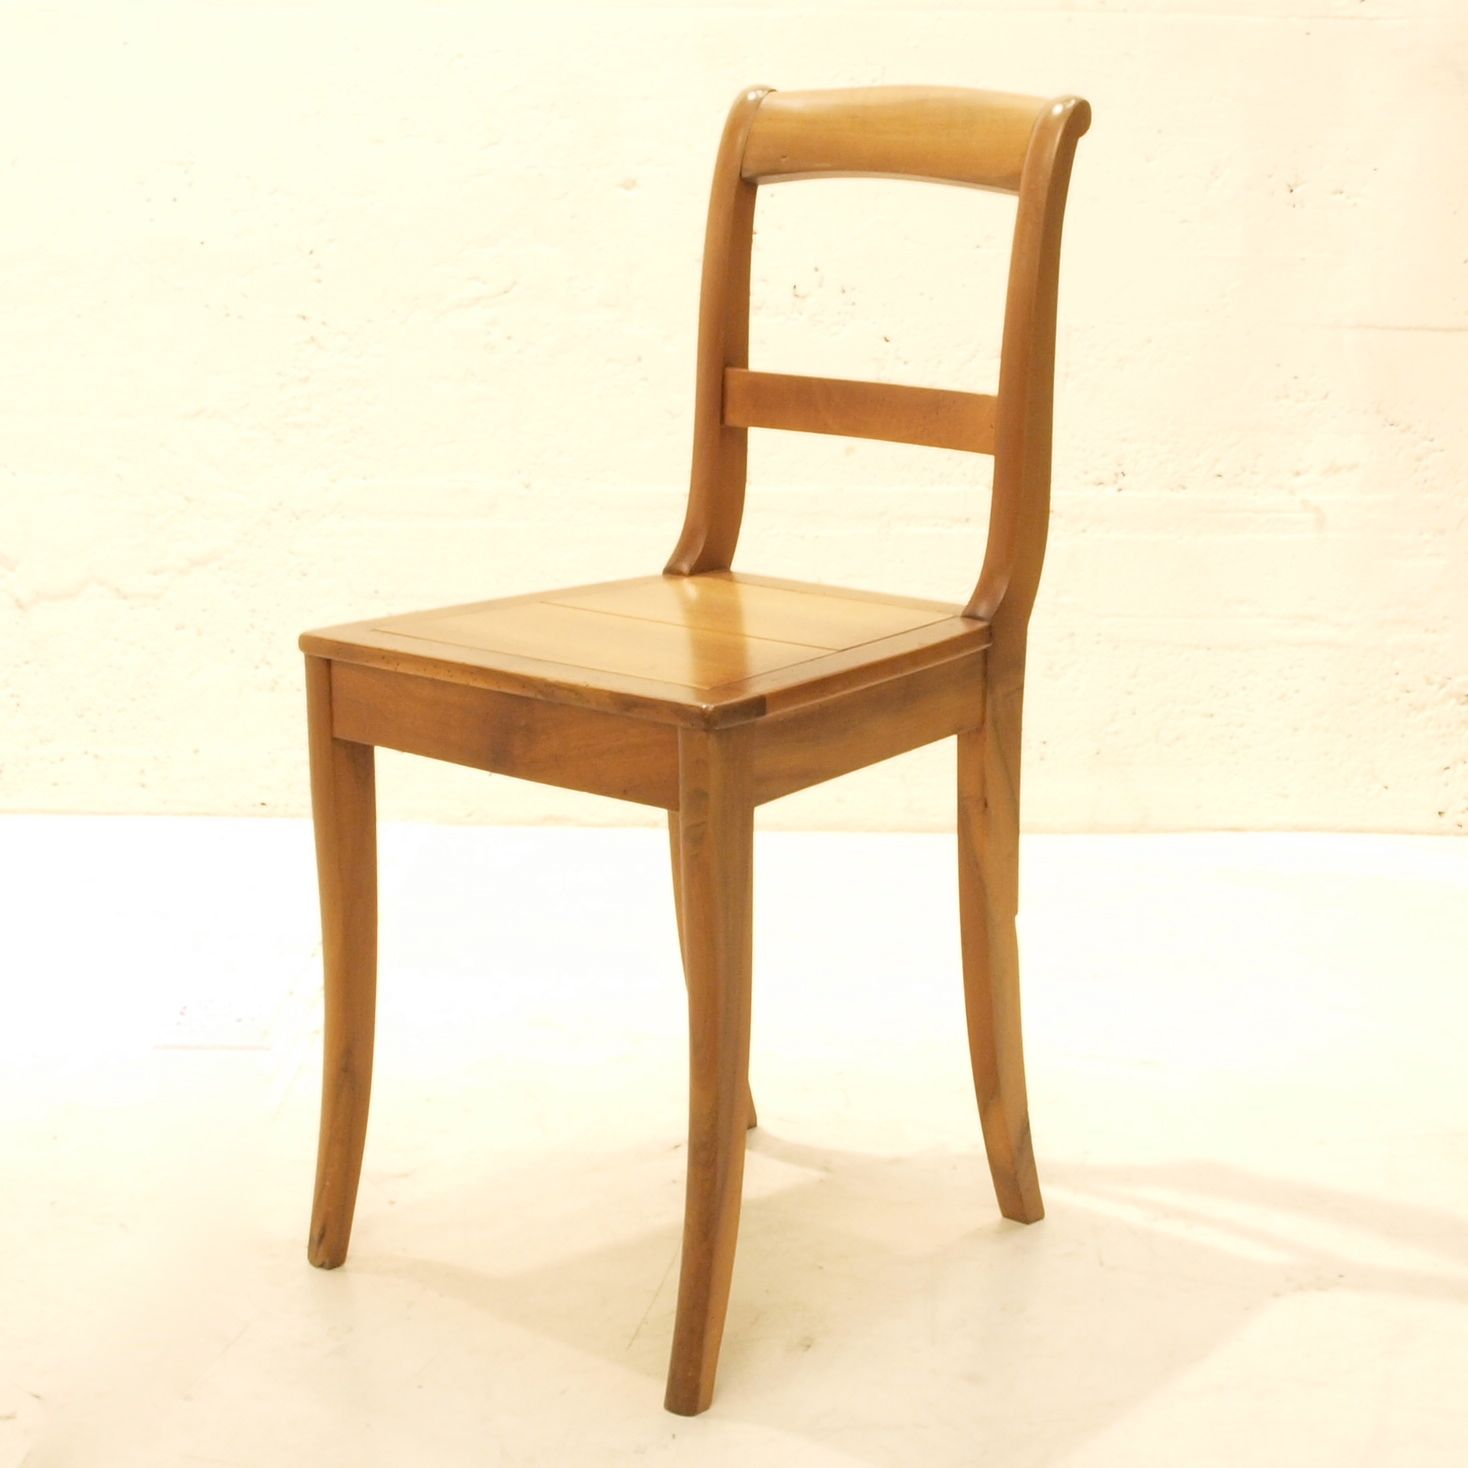 biedermeier nussbaum m bel z rich vintagem bel. Black Bedroom Furniture Sets. Home Design Ideas